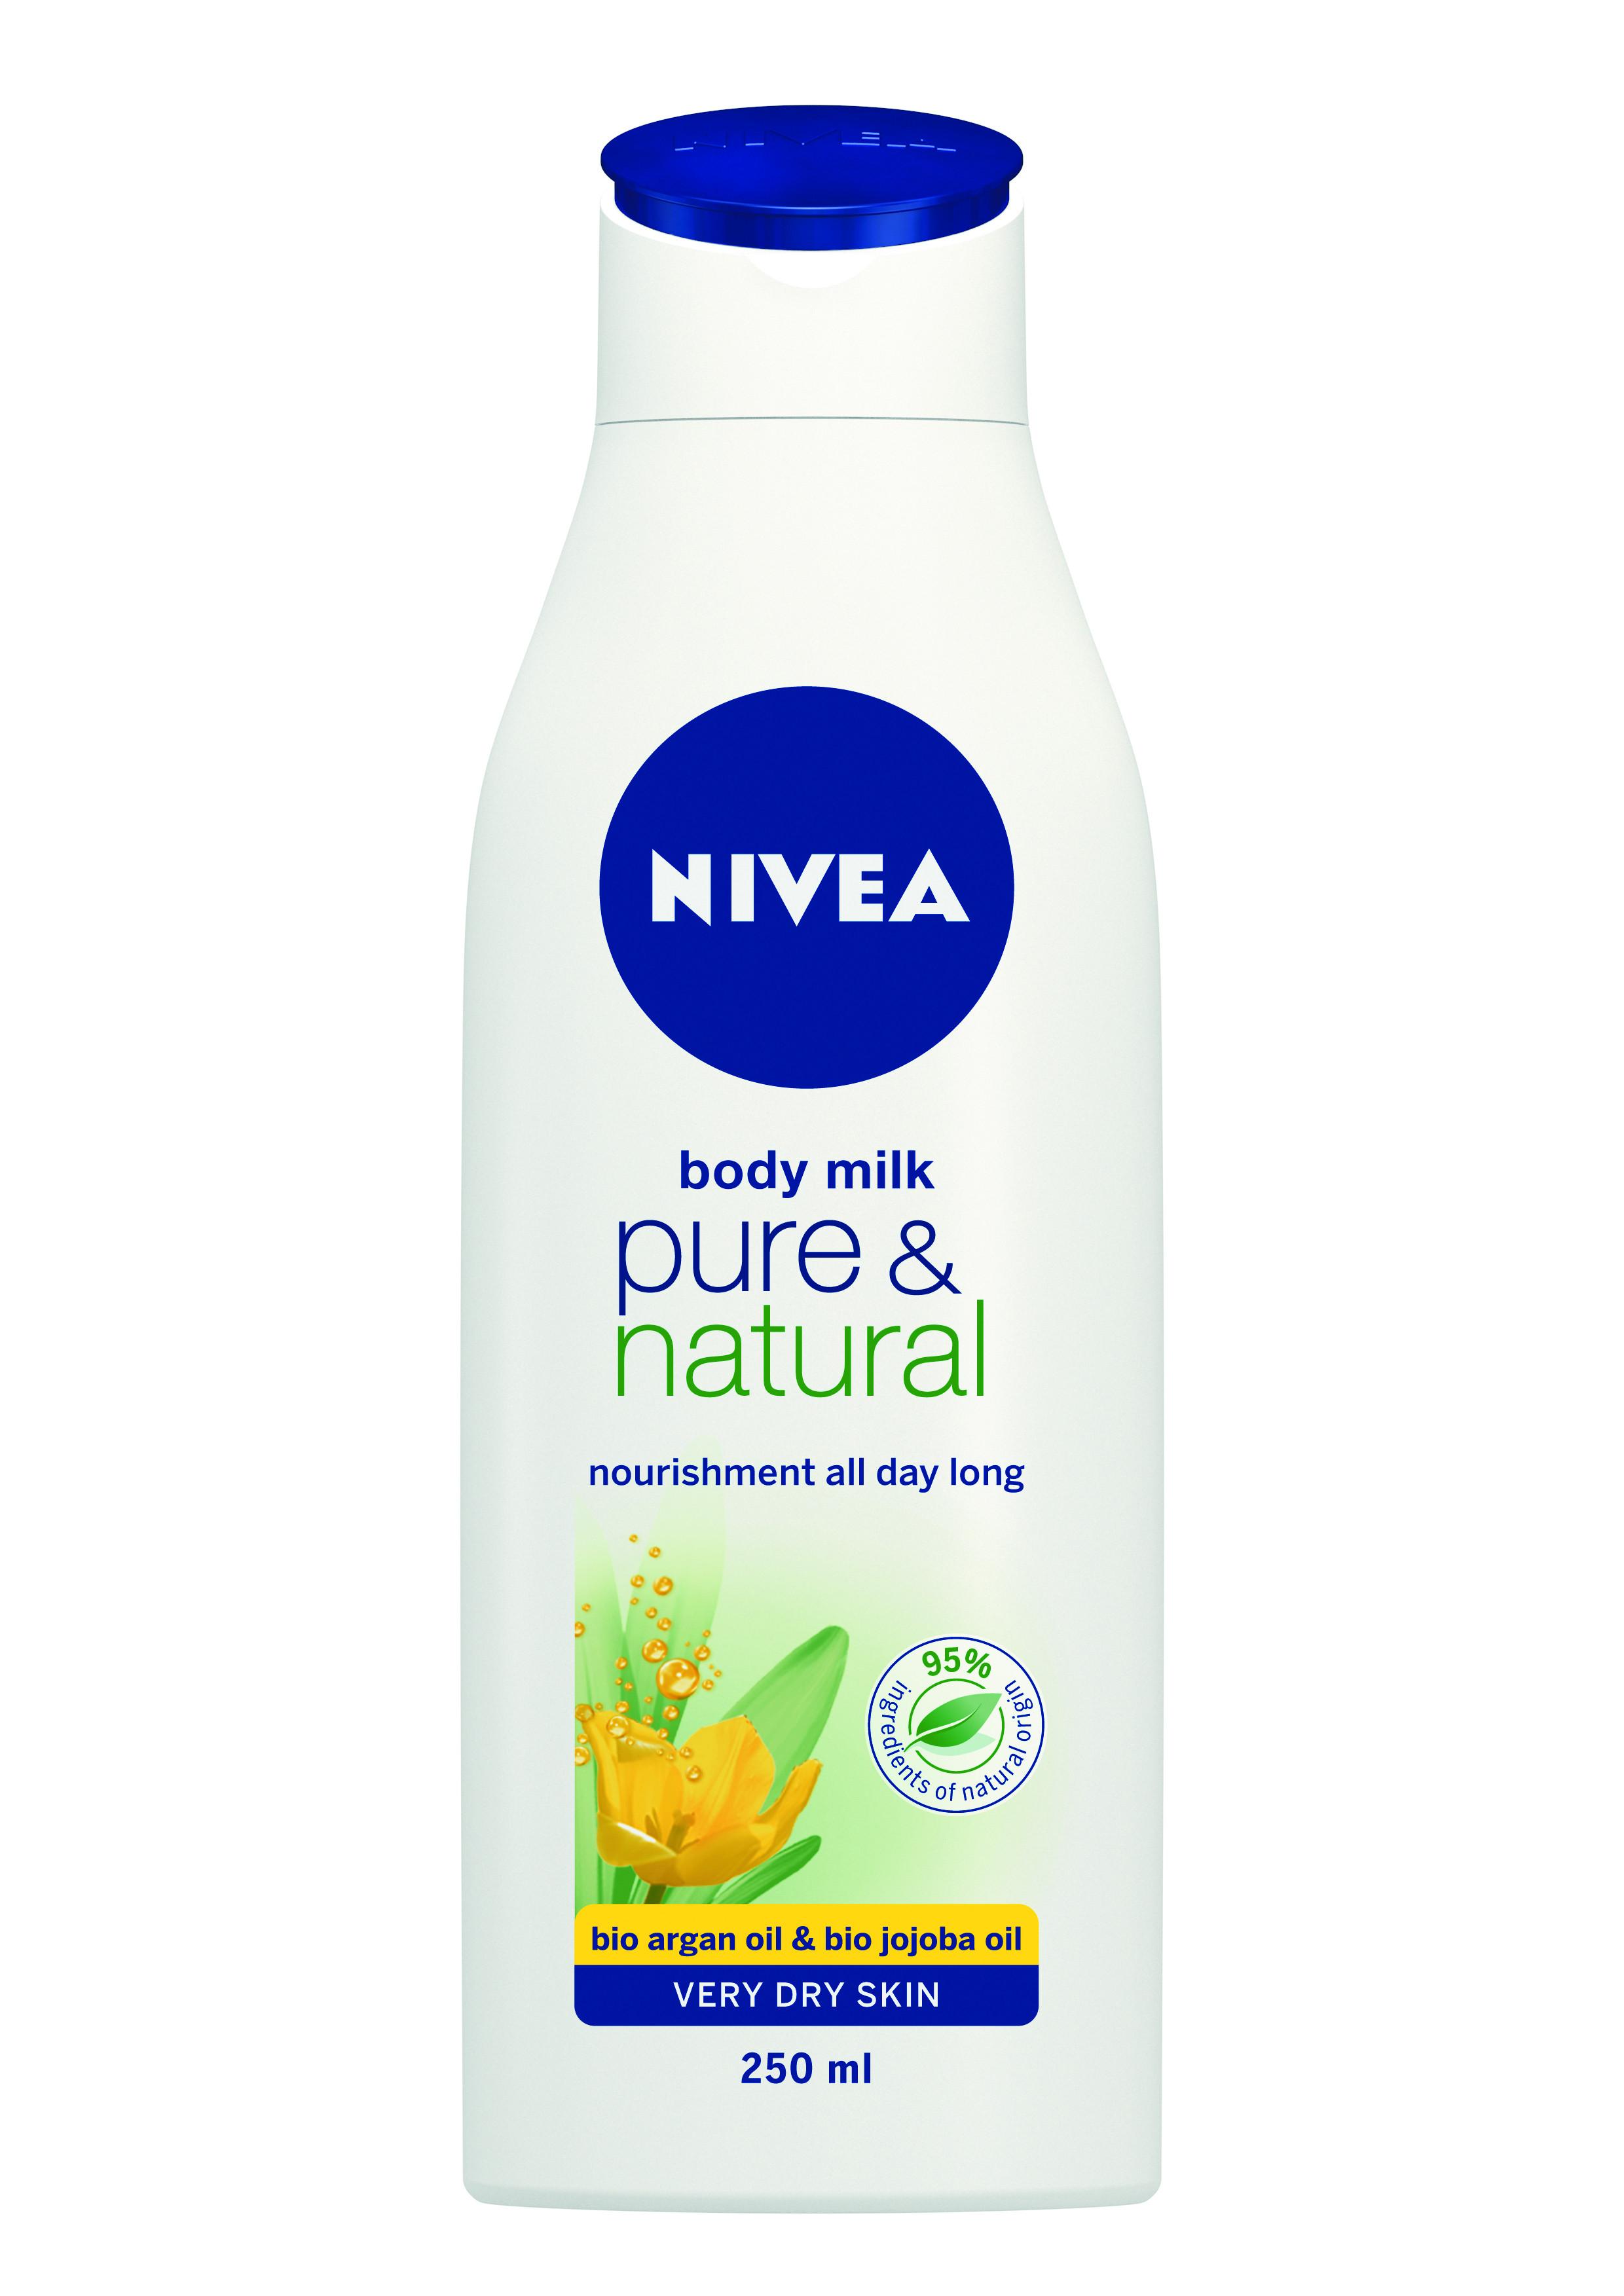 НИВЕА ПЮЪР & НЕЙЧЪРЪЛ Мляко за тяло 250мл | NIVEA PURE & NATURAL Body milk 250ml